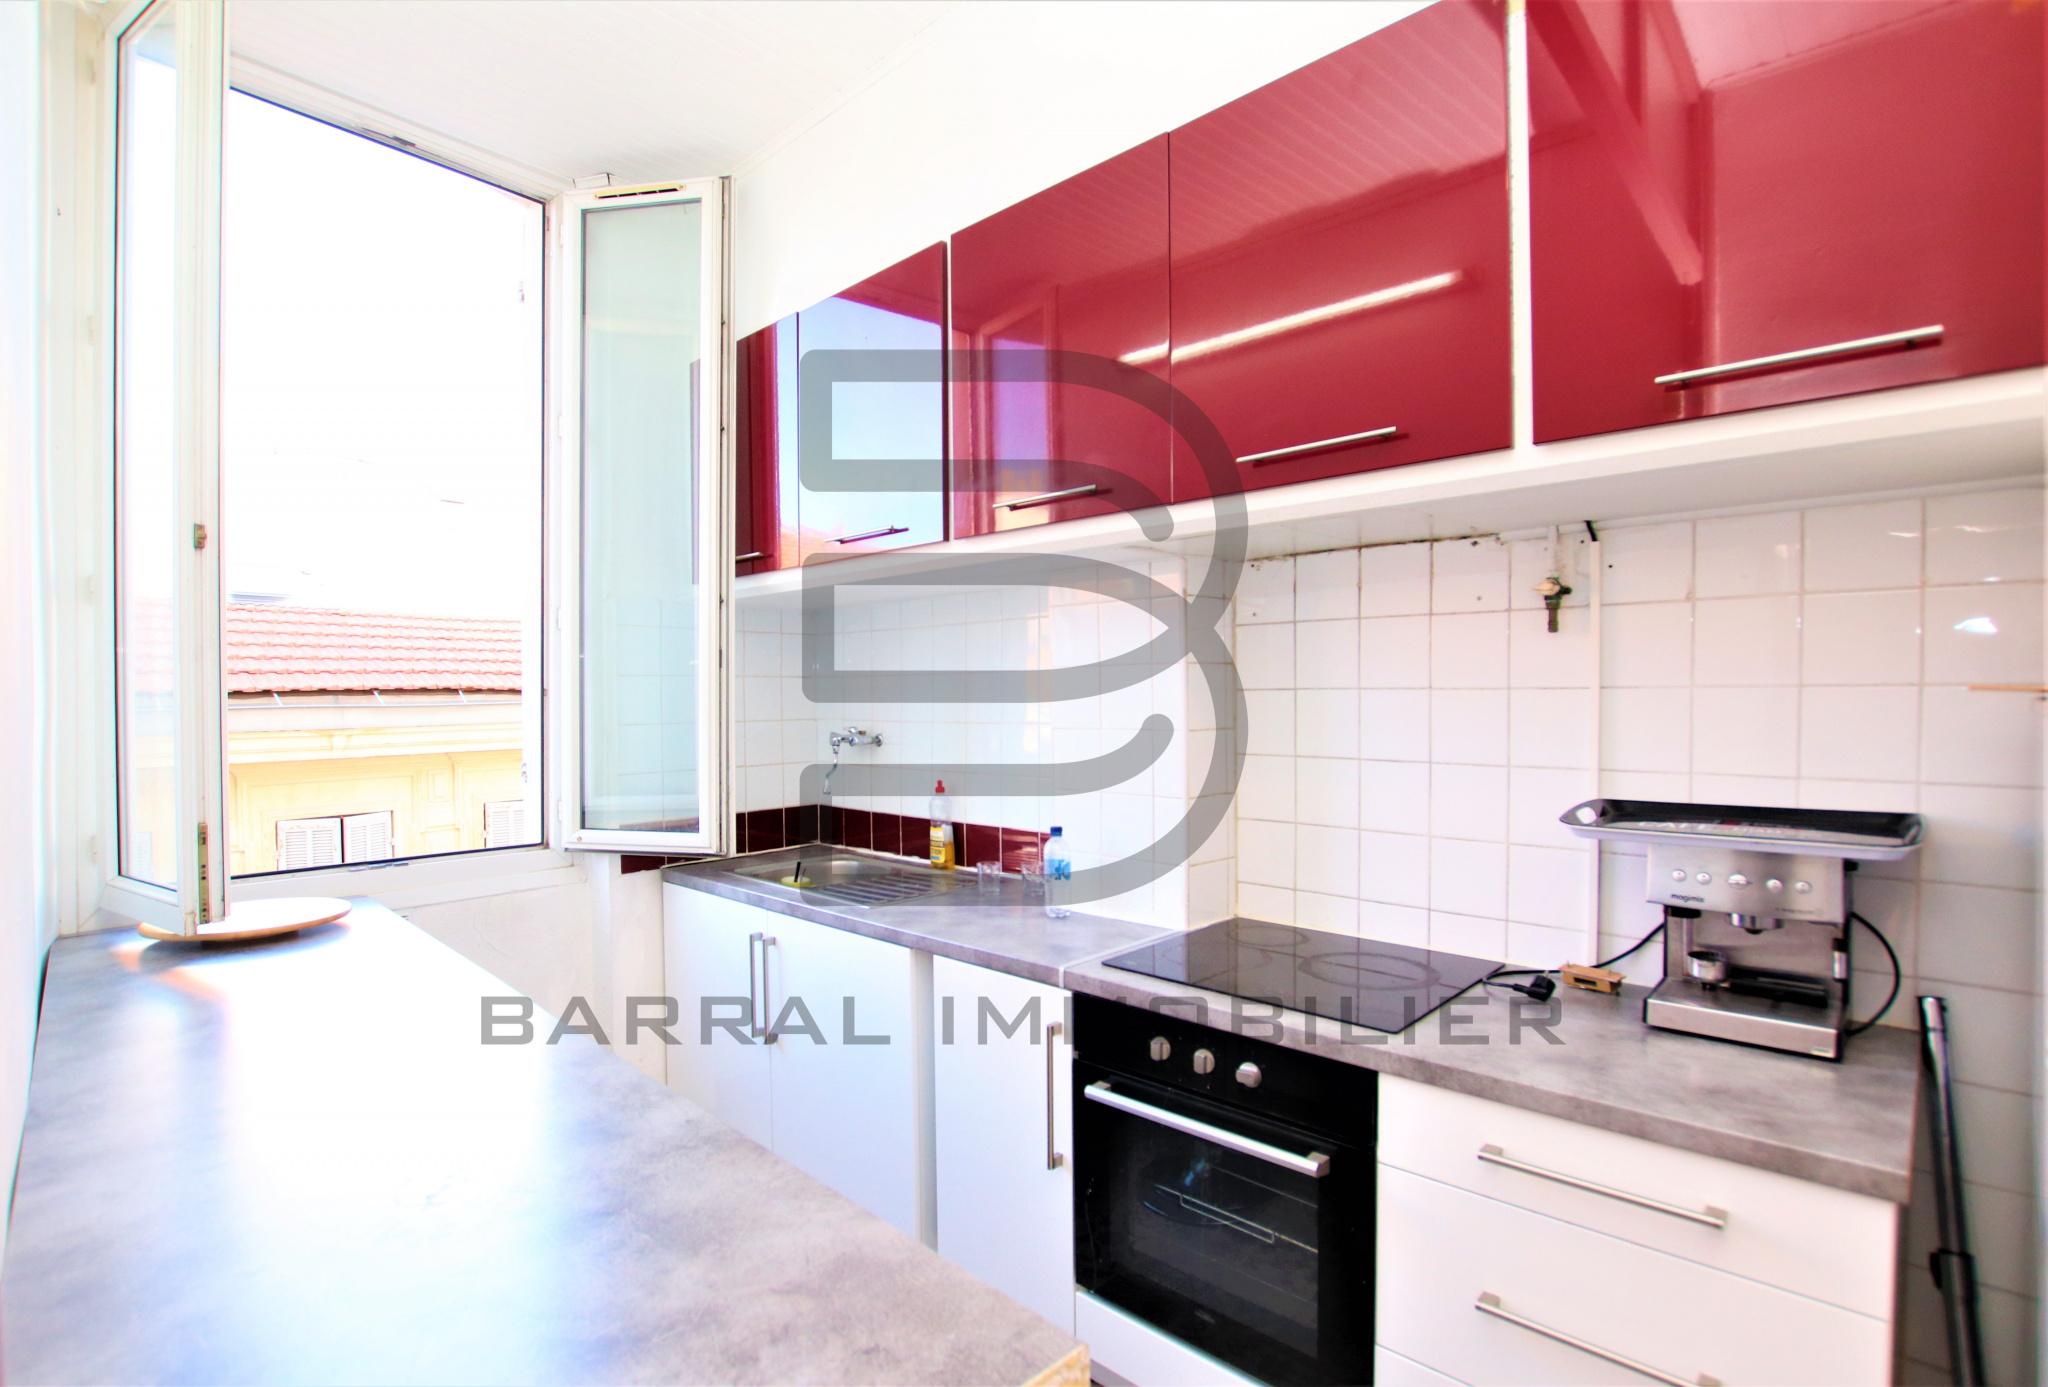 Vente Appartement Magnifique T2/3  de 42 m2 quartier du Panier / proche République à deux pas du Vieux Port Marseille 2